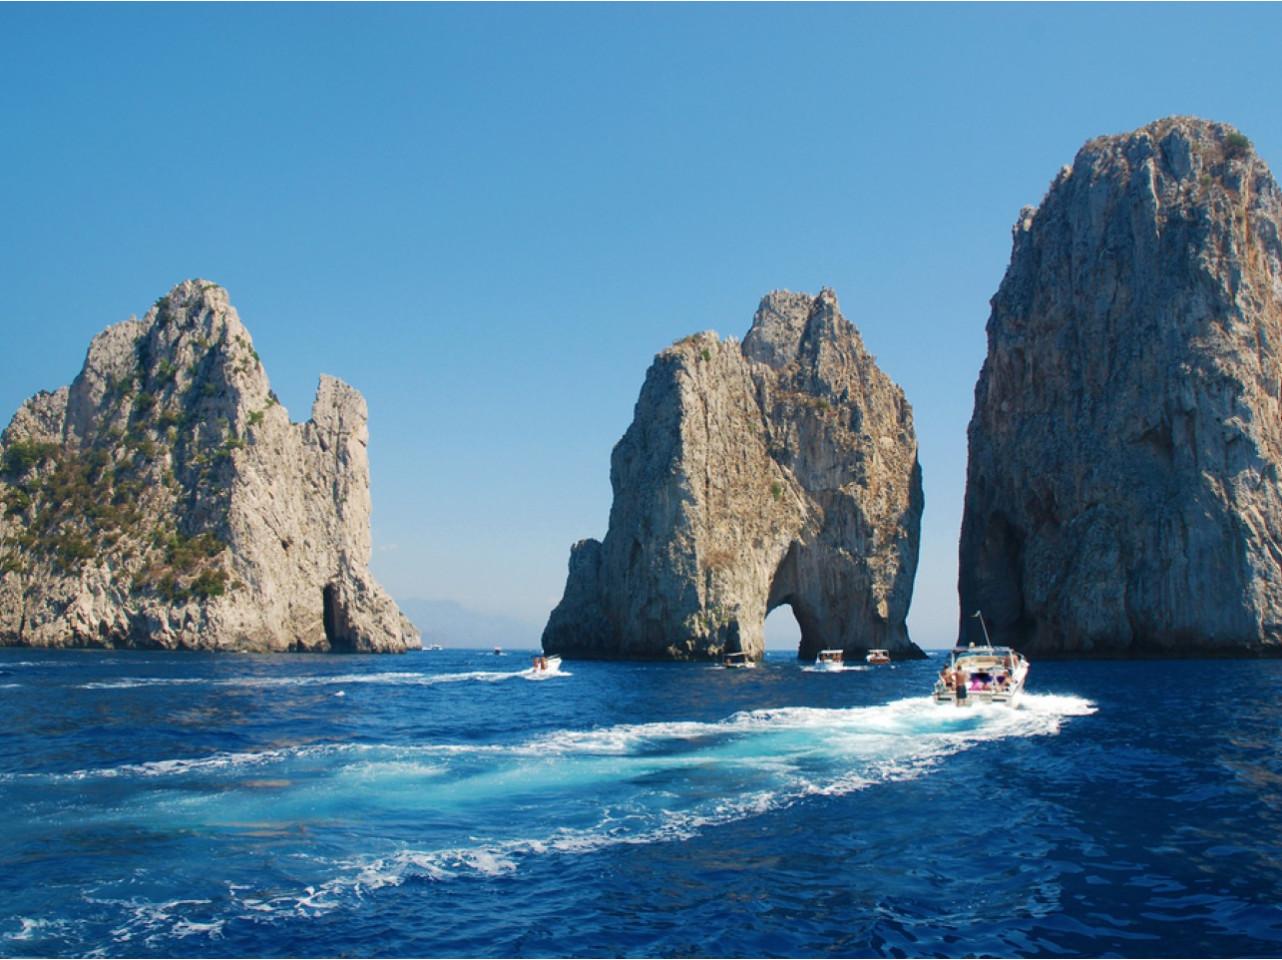 Escursione barca Capri| Tour barca Capri|Visitare Capri in barca